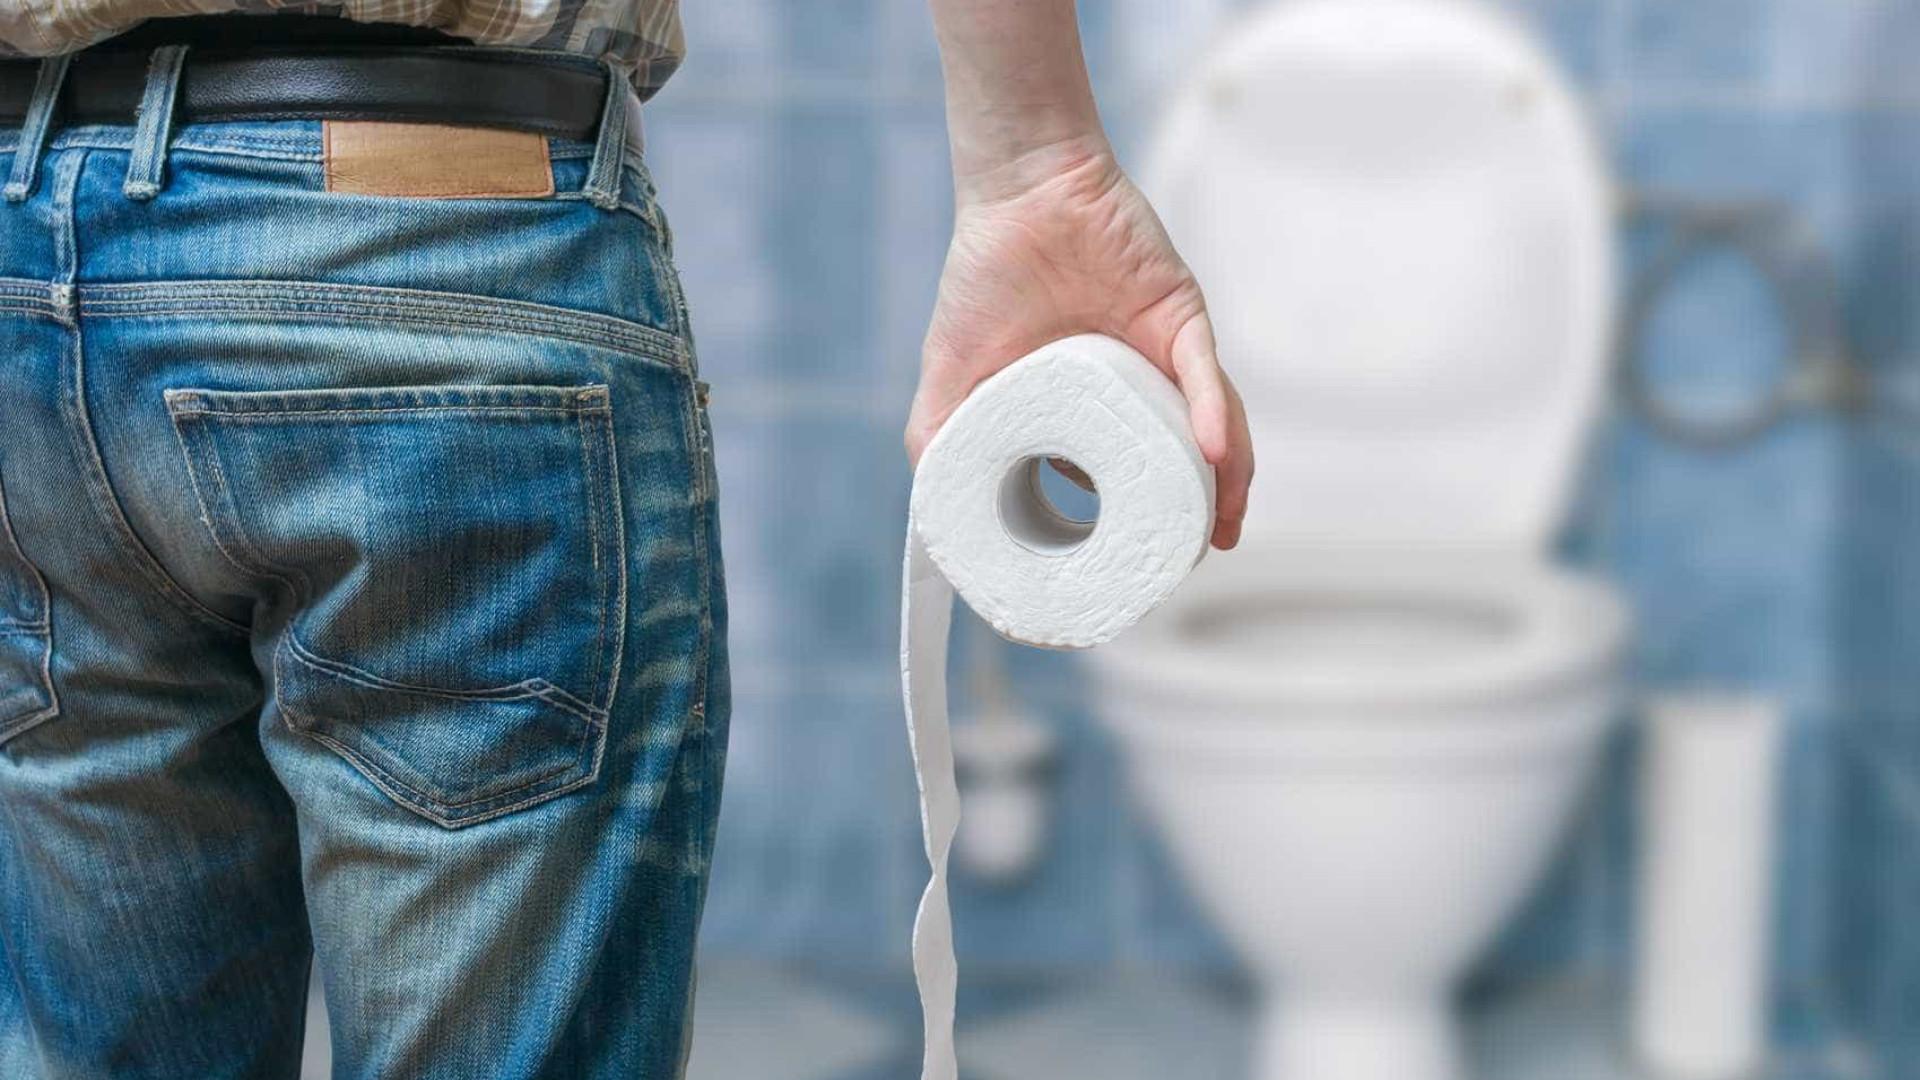 Hoje é Dia Mundial da Sanita. Não é para rir, o assunto é sério